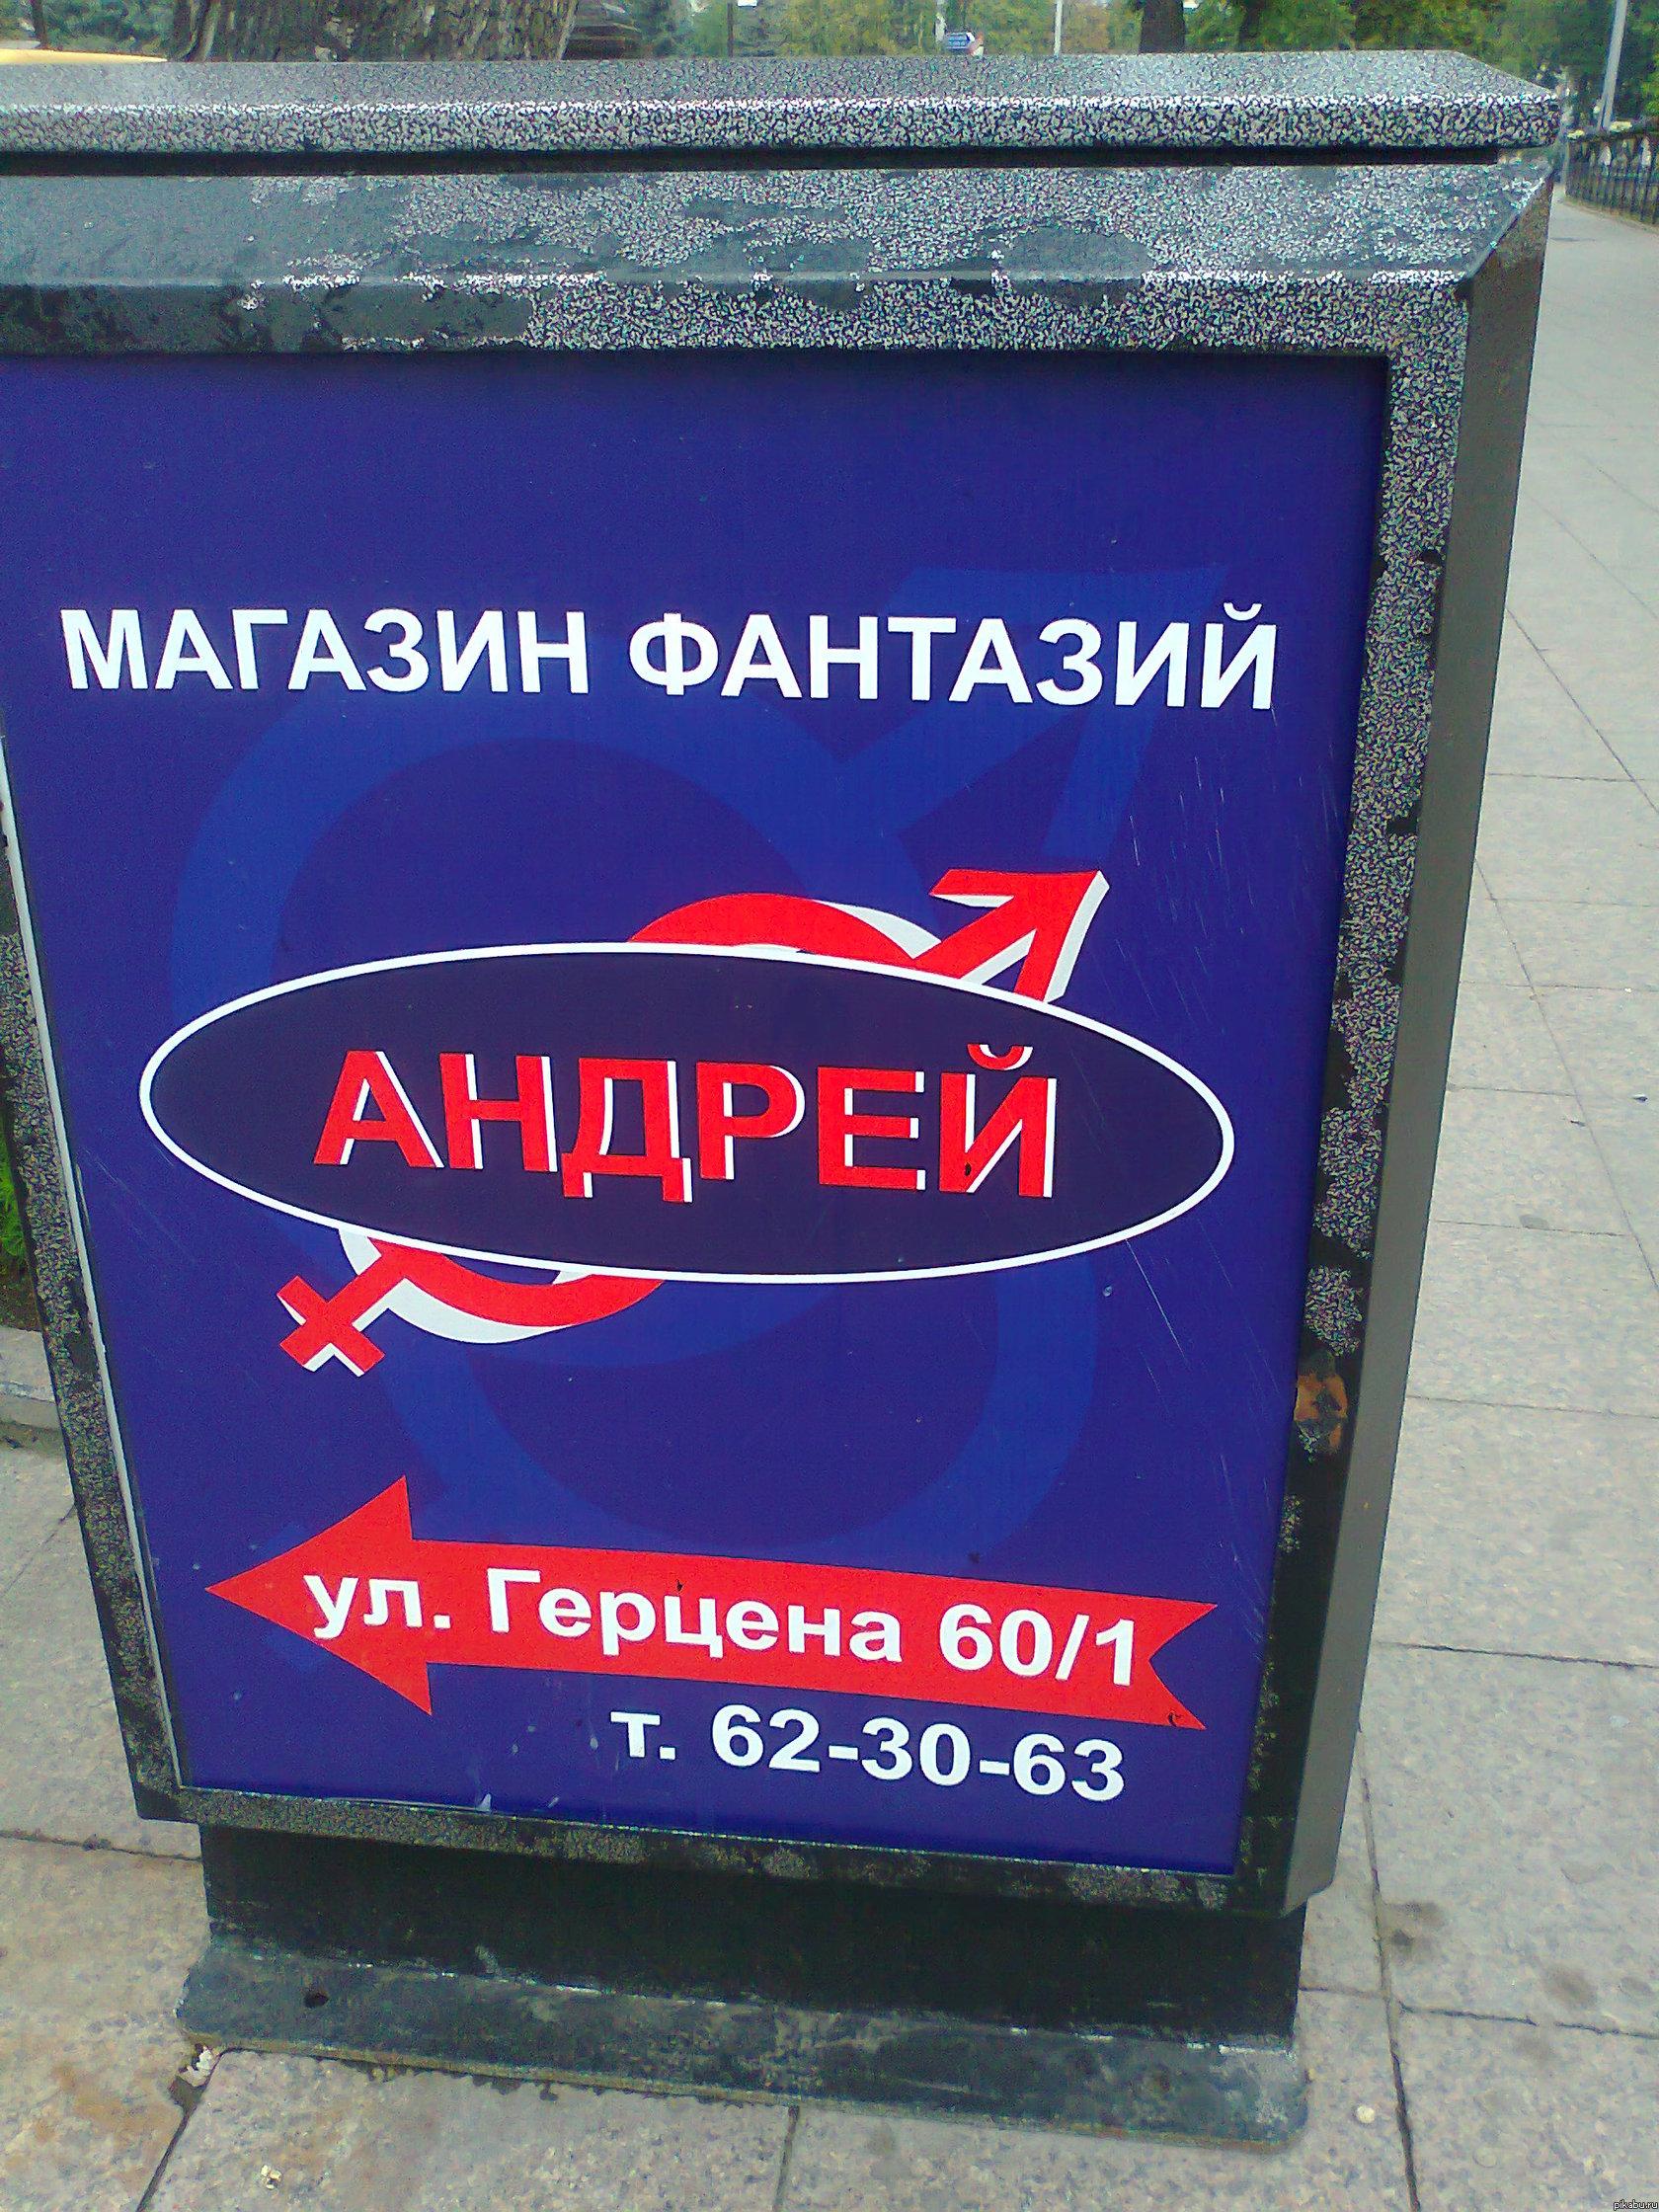 Секс шоп Ты и Я  магазин интим товаров Екатеринбург